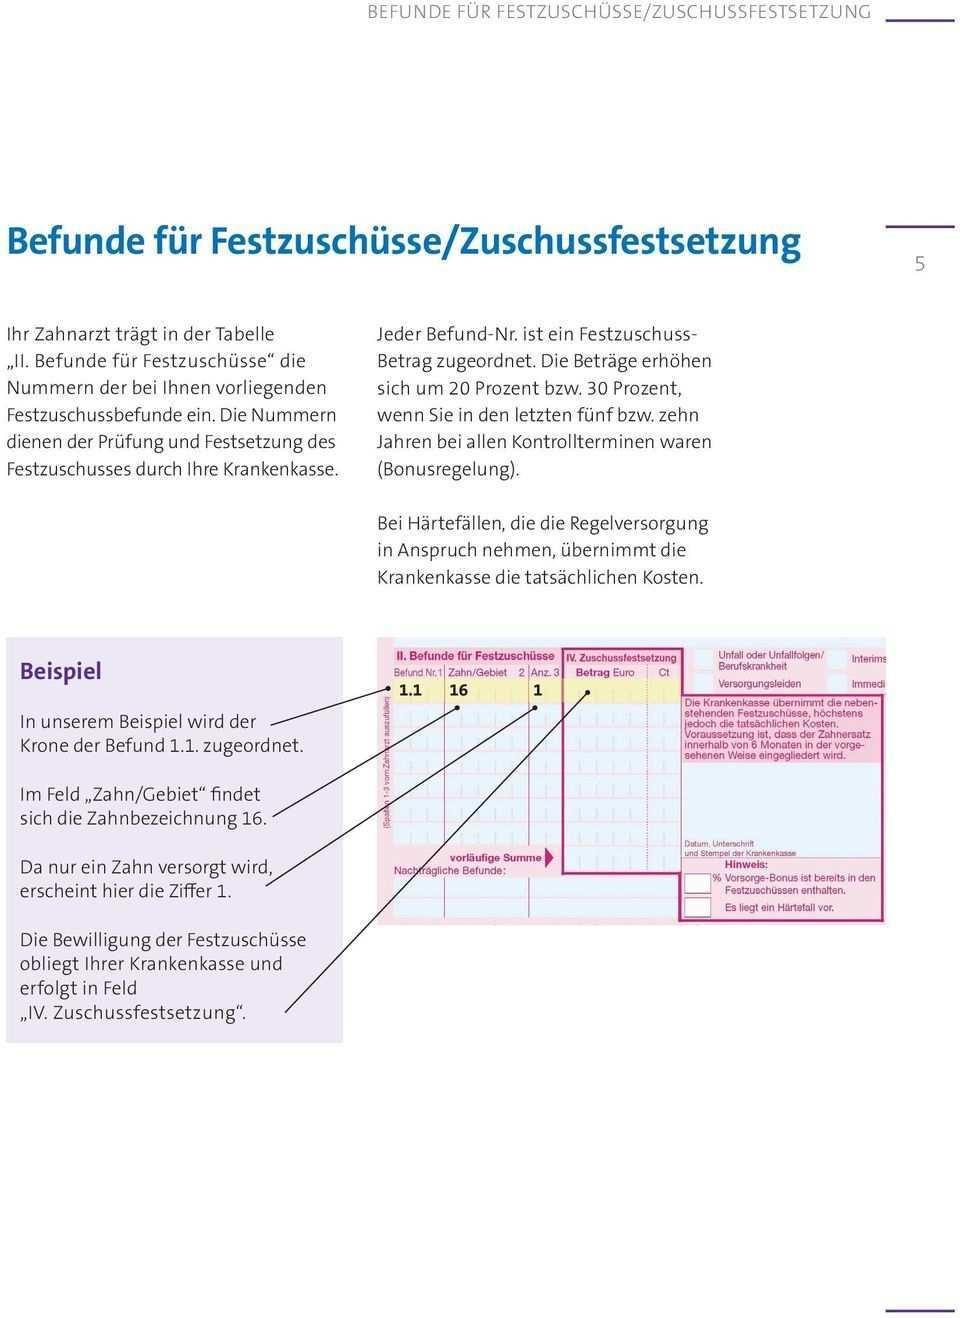 Der Heil Und Kostenplan Fur Die Zahnersatzversorgung Erlauterungen Pdf Free Download